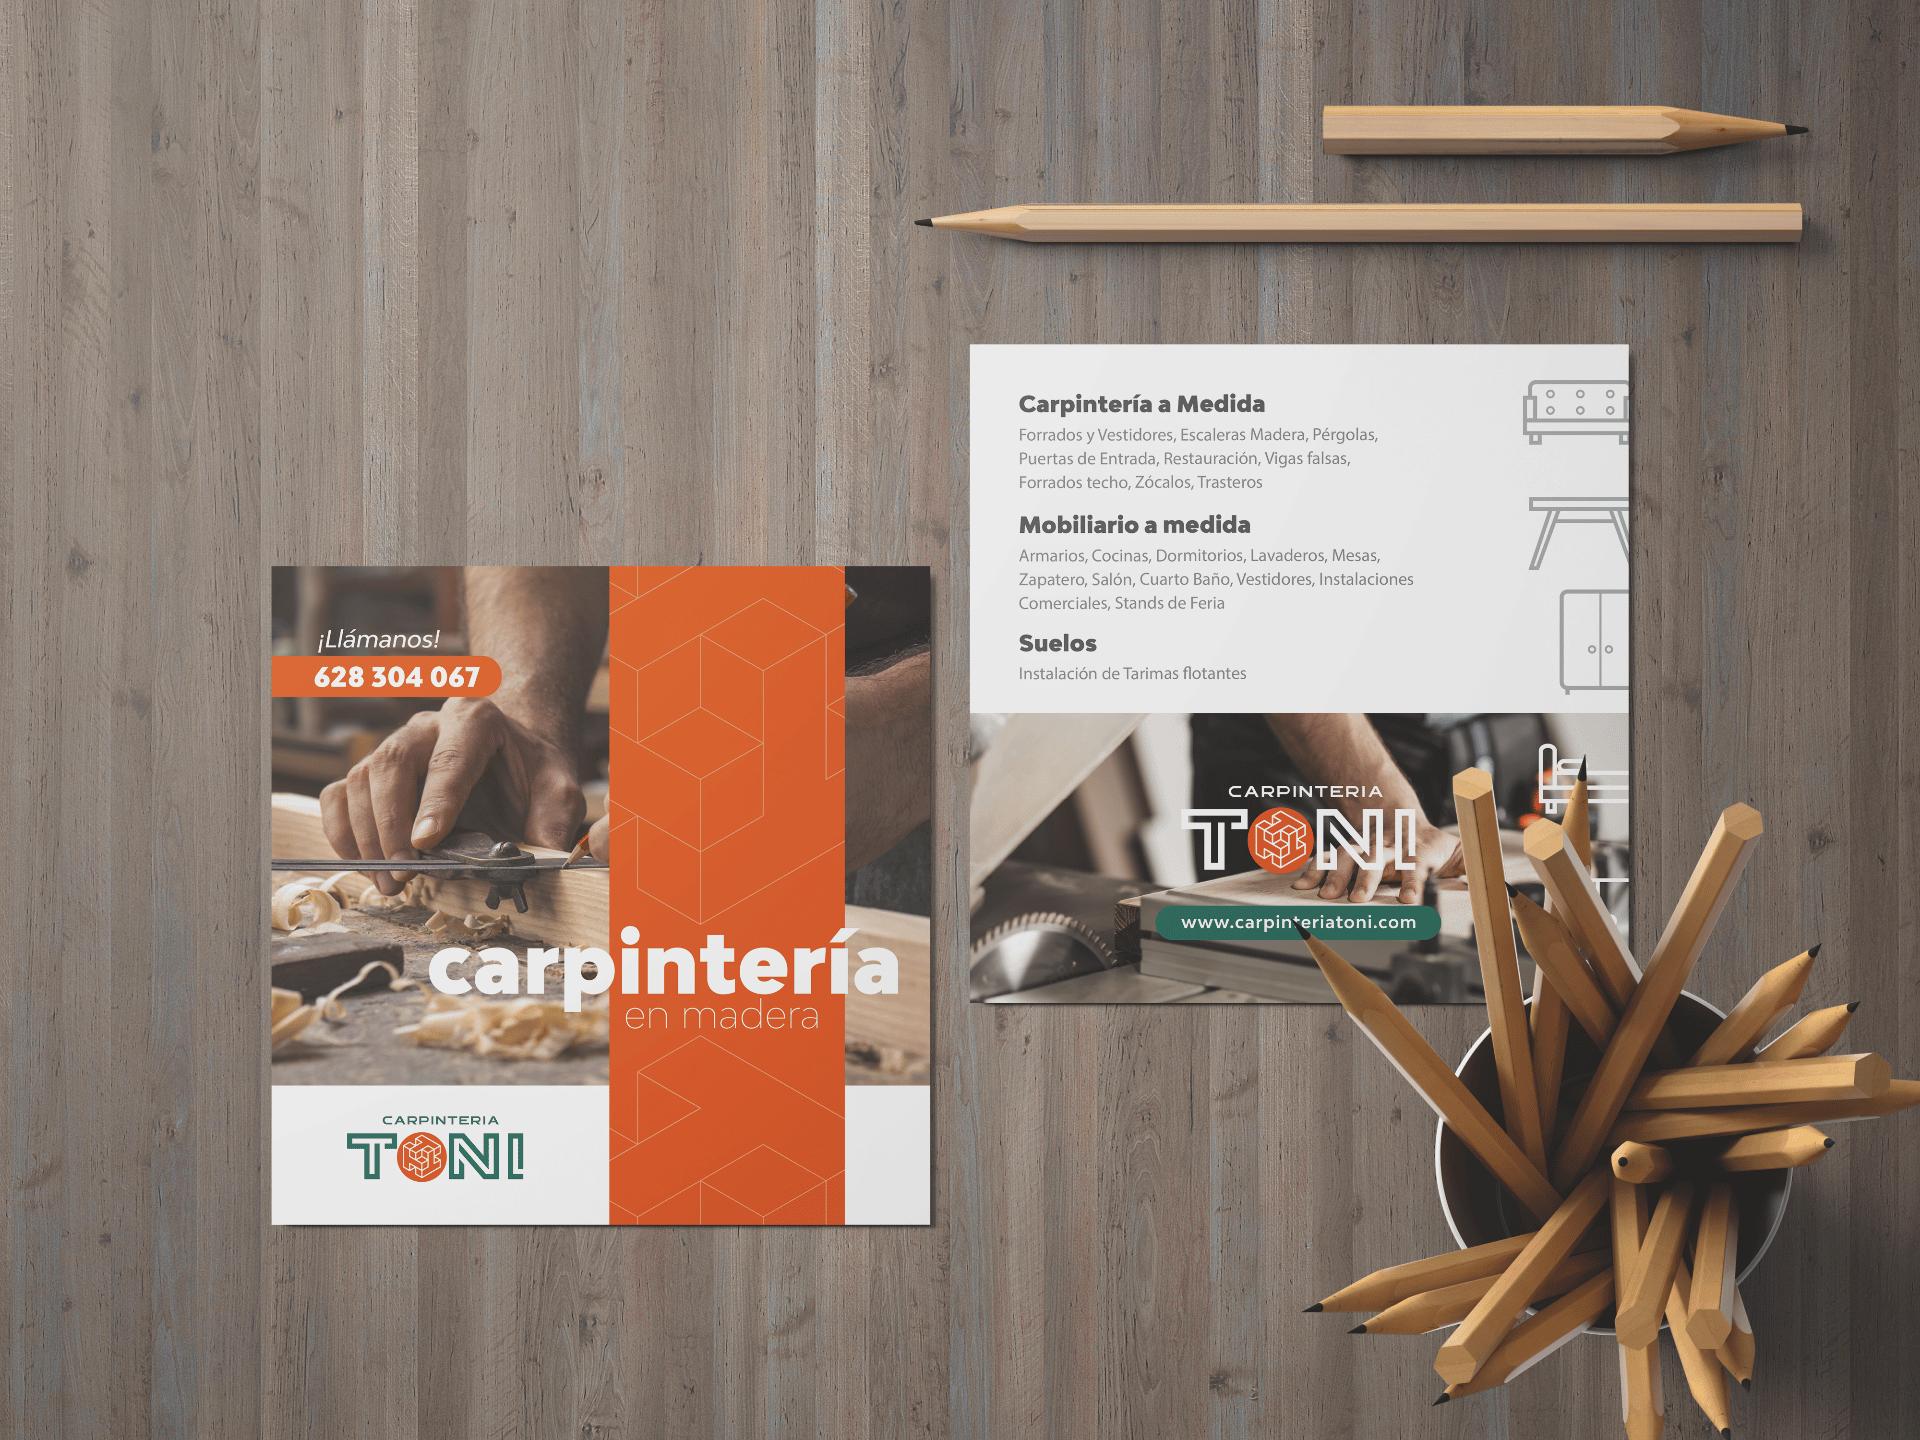 Diseño Identidad Corporativa Carpintería Toni - Agencia de Marketing rojo